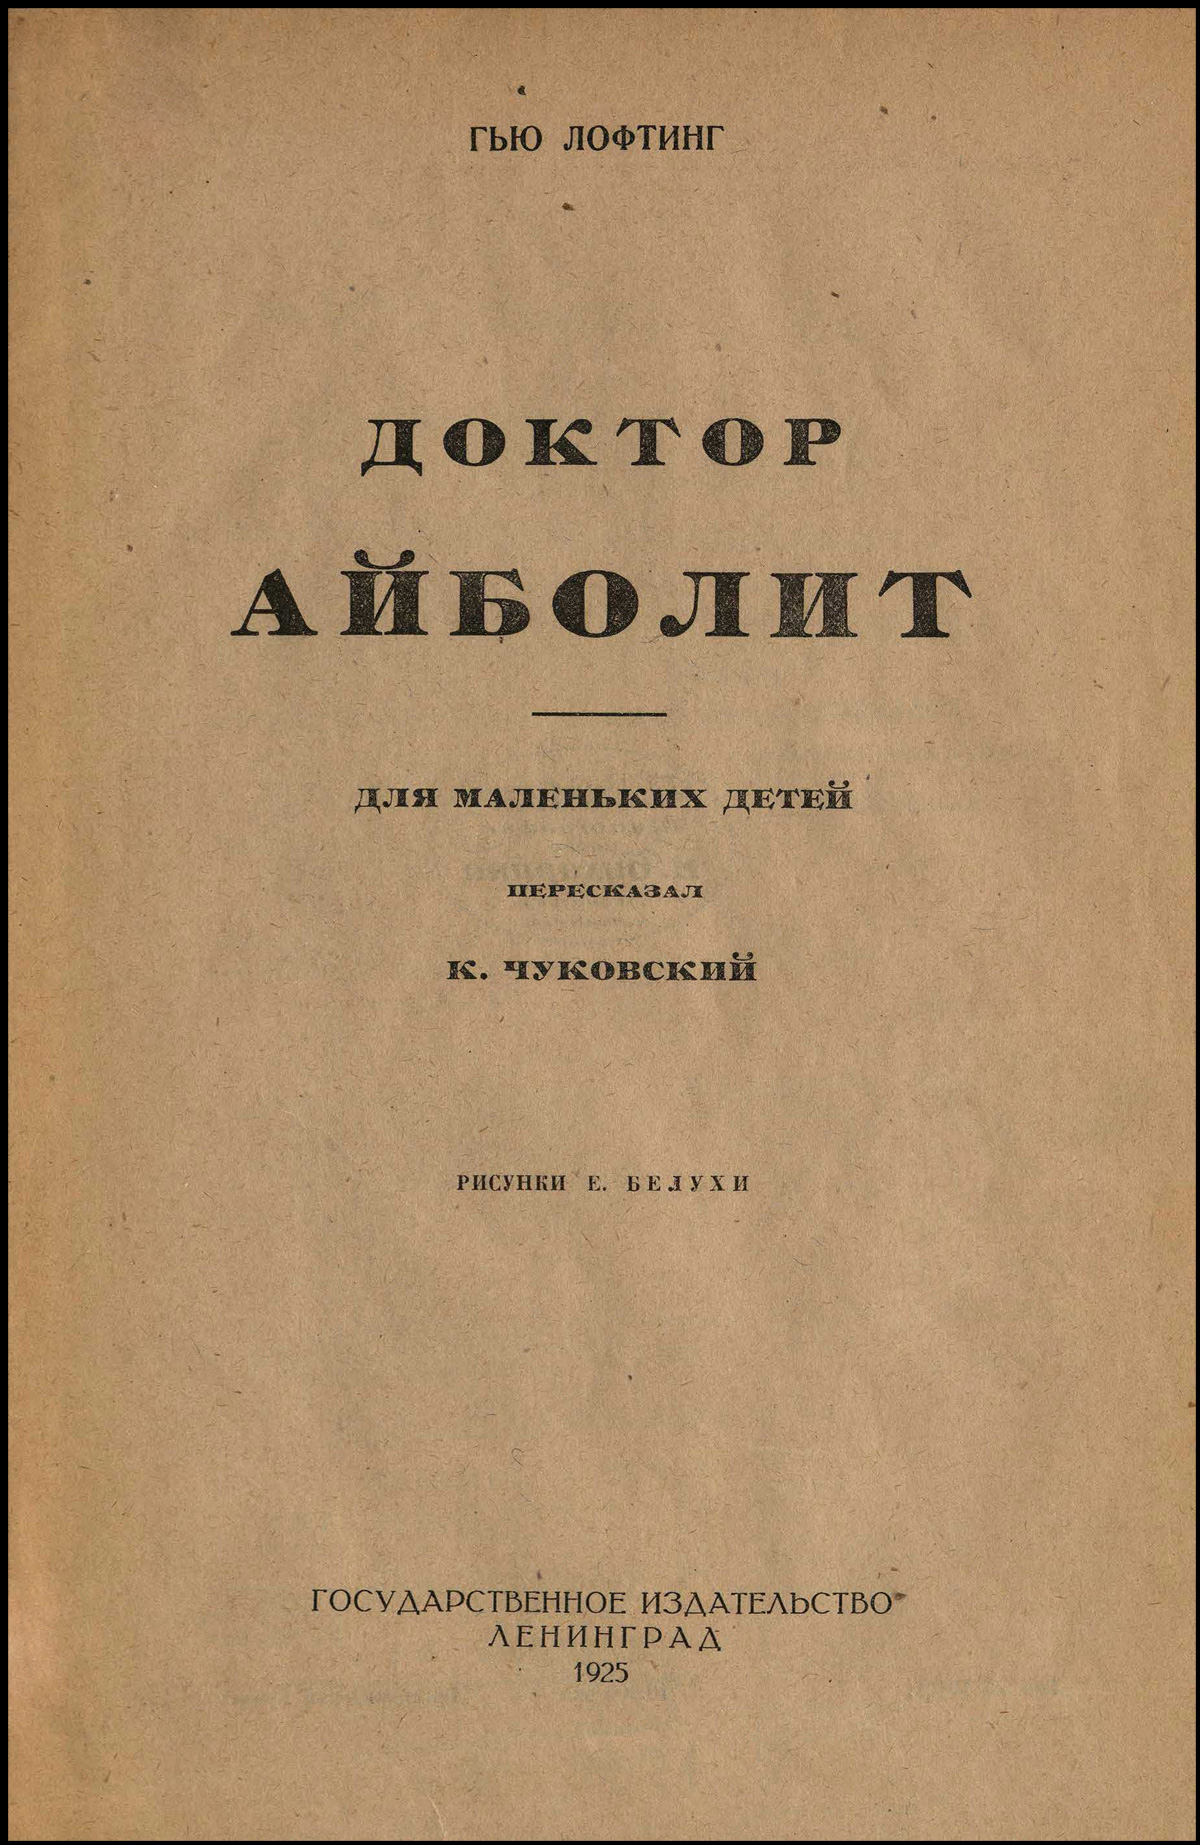 Гью Лофтинг «Доктор Айболит». Для маленьких детей пересказал К.Чуковский. 1925 год